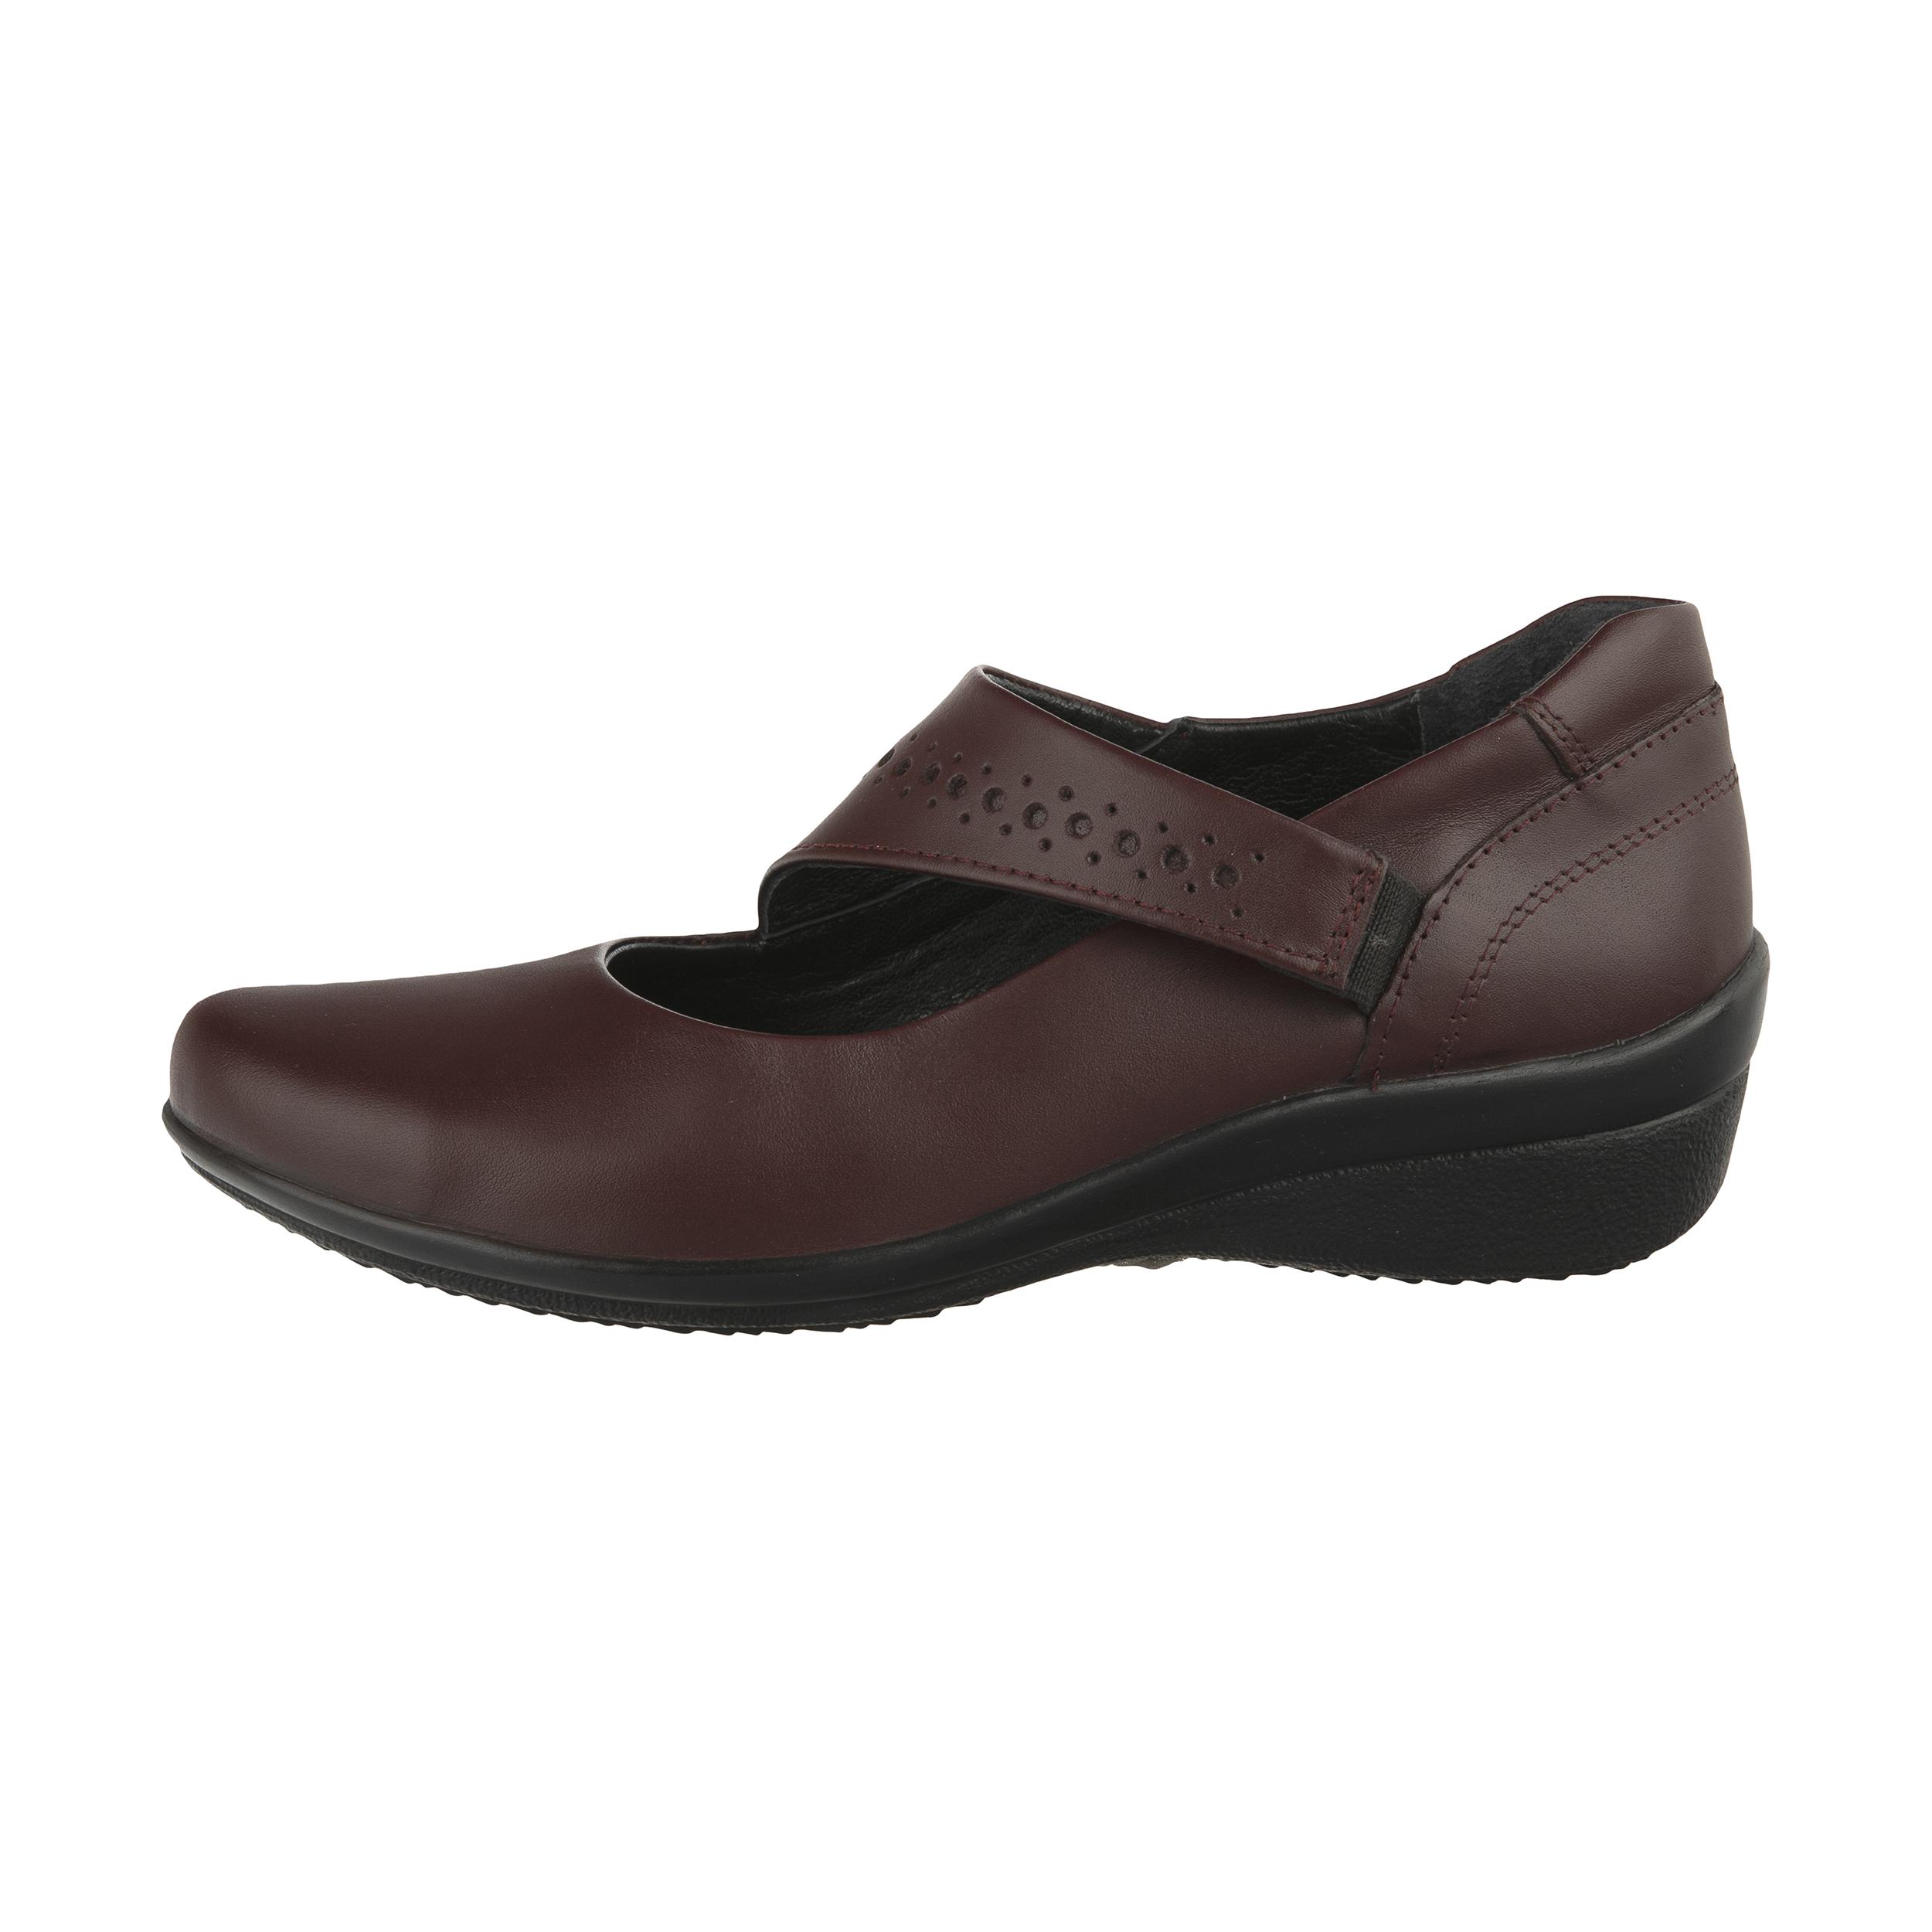 کفش روزمره زنانه گلسار مدل 5F02B500110